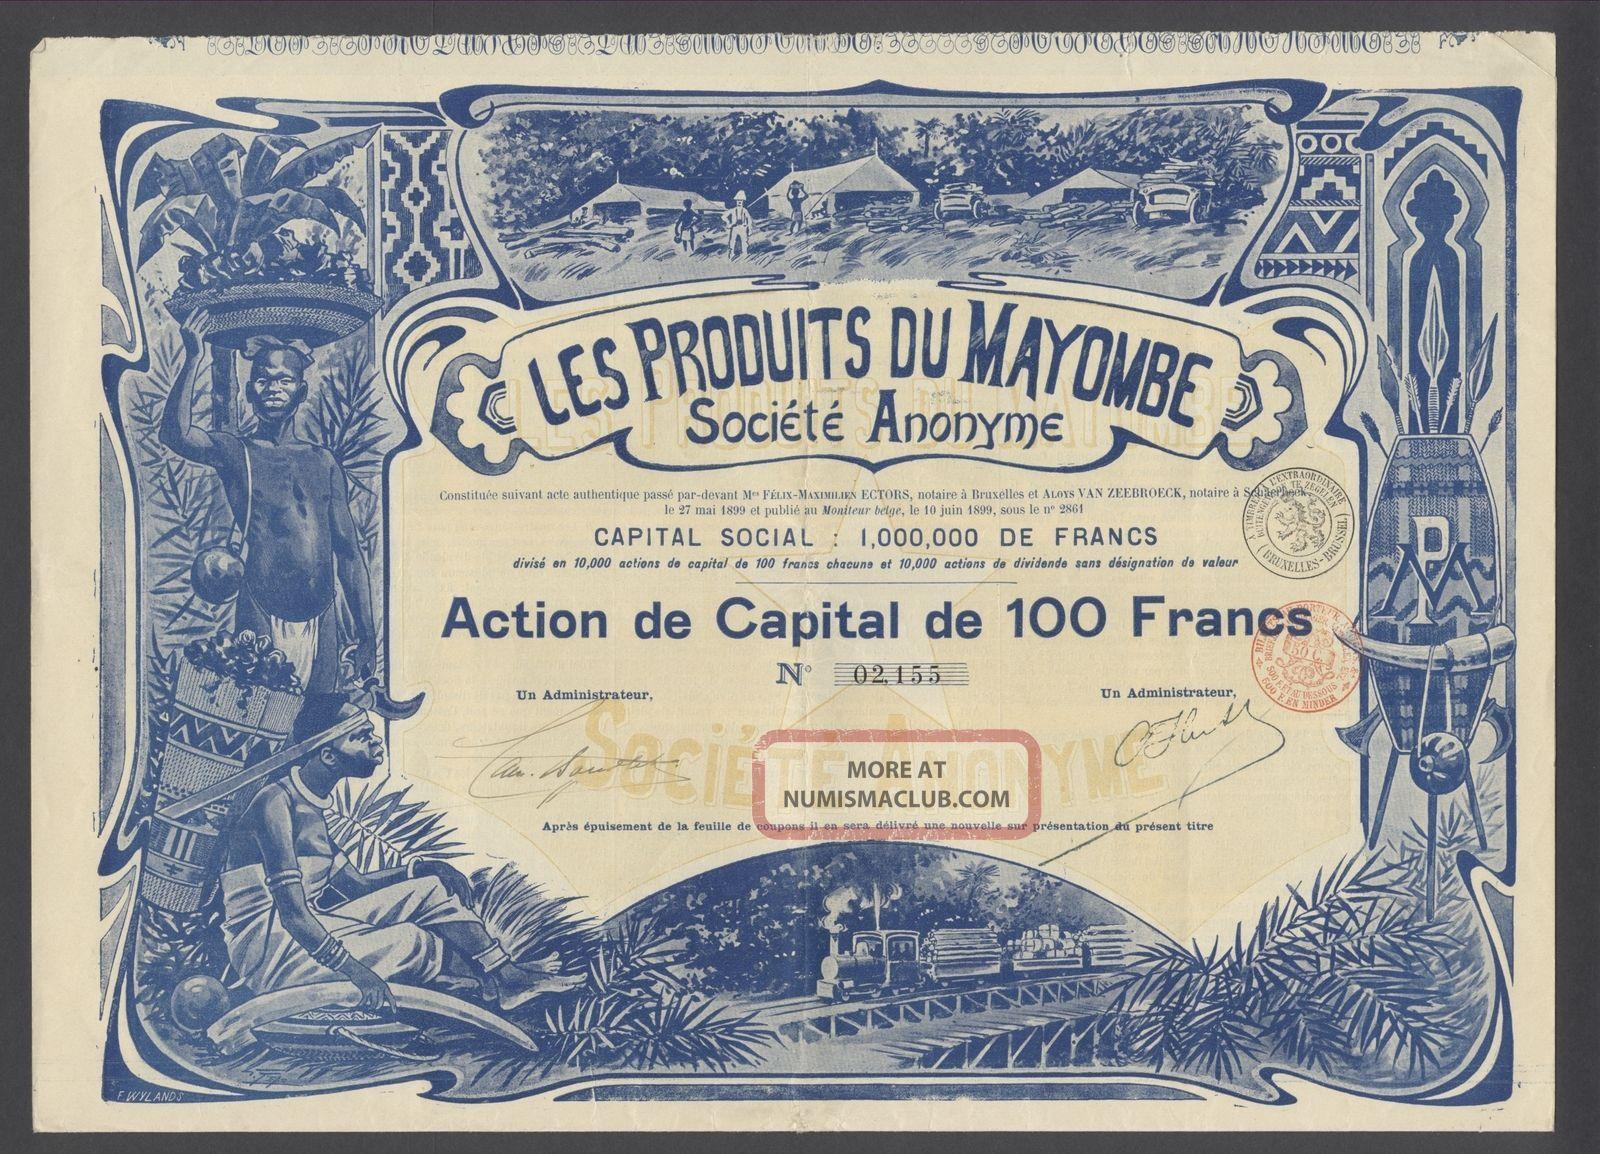 Belgium 1899 Bond - Les Produits Du Mayombe (congo) - Tabac Tobacco.  R3396 World photo